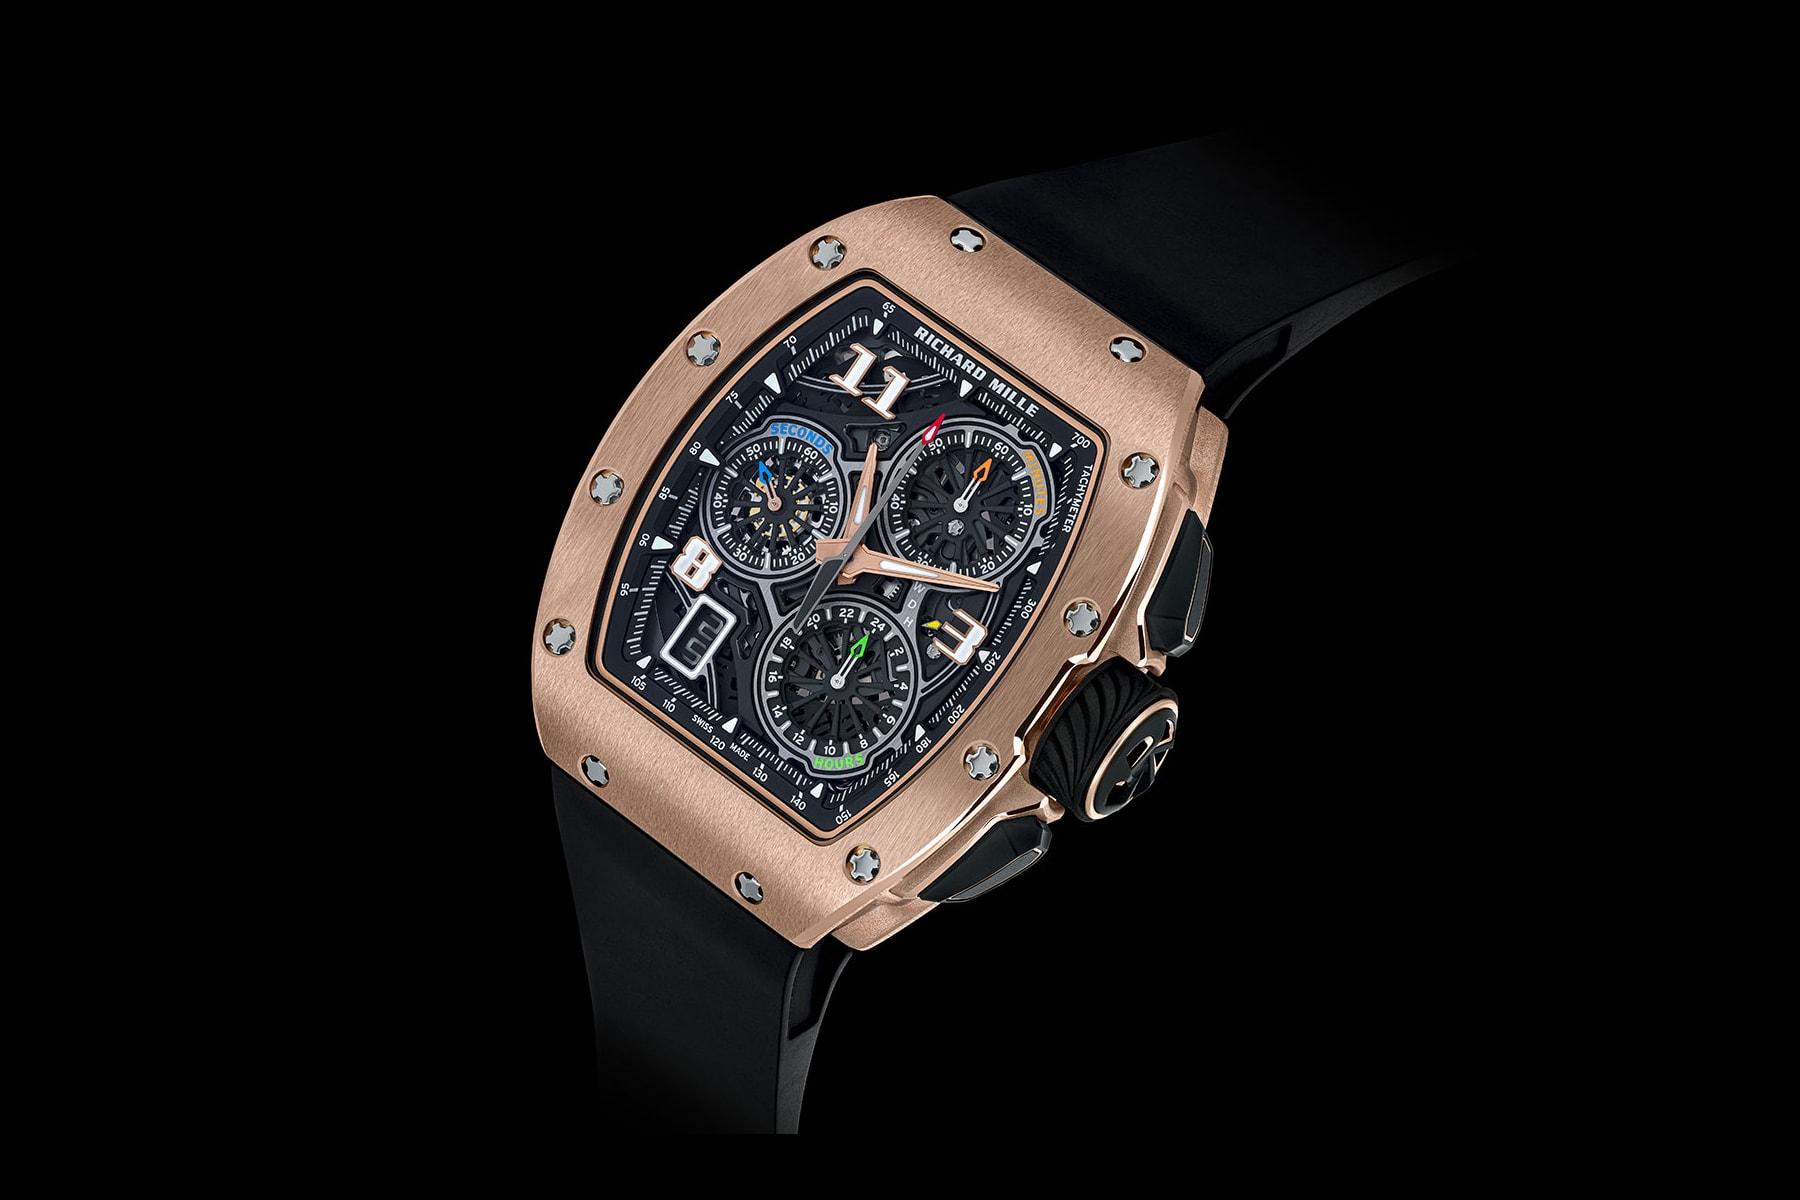 swiss made watch brands